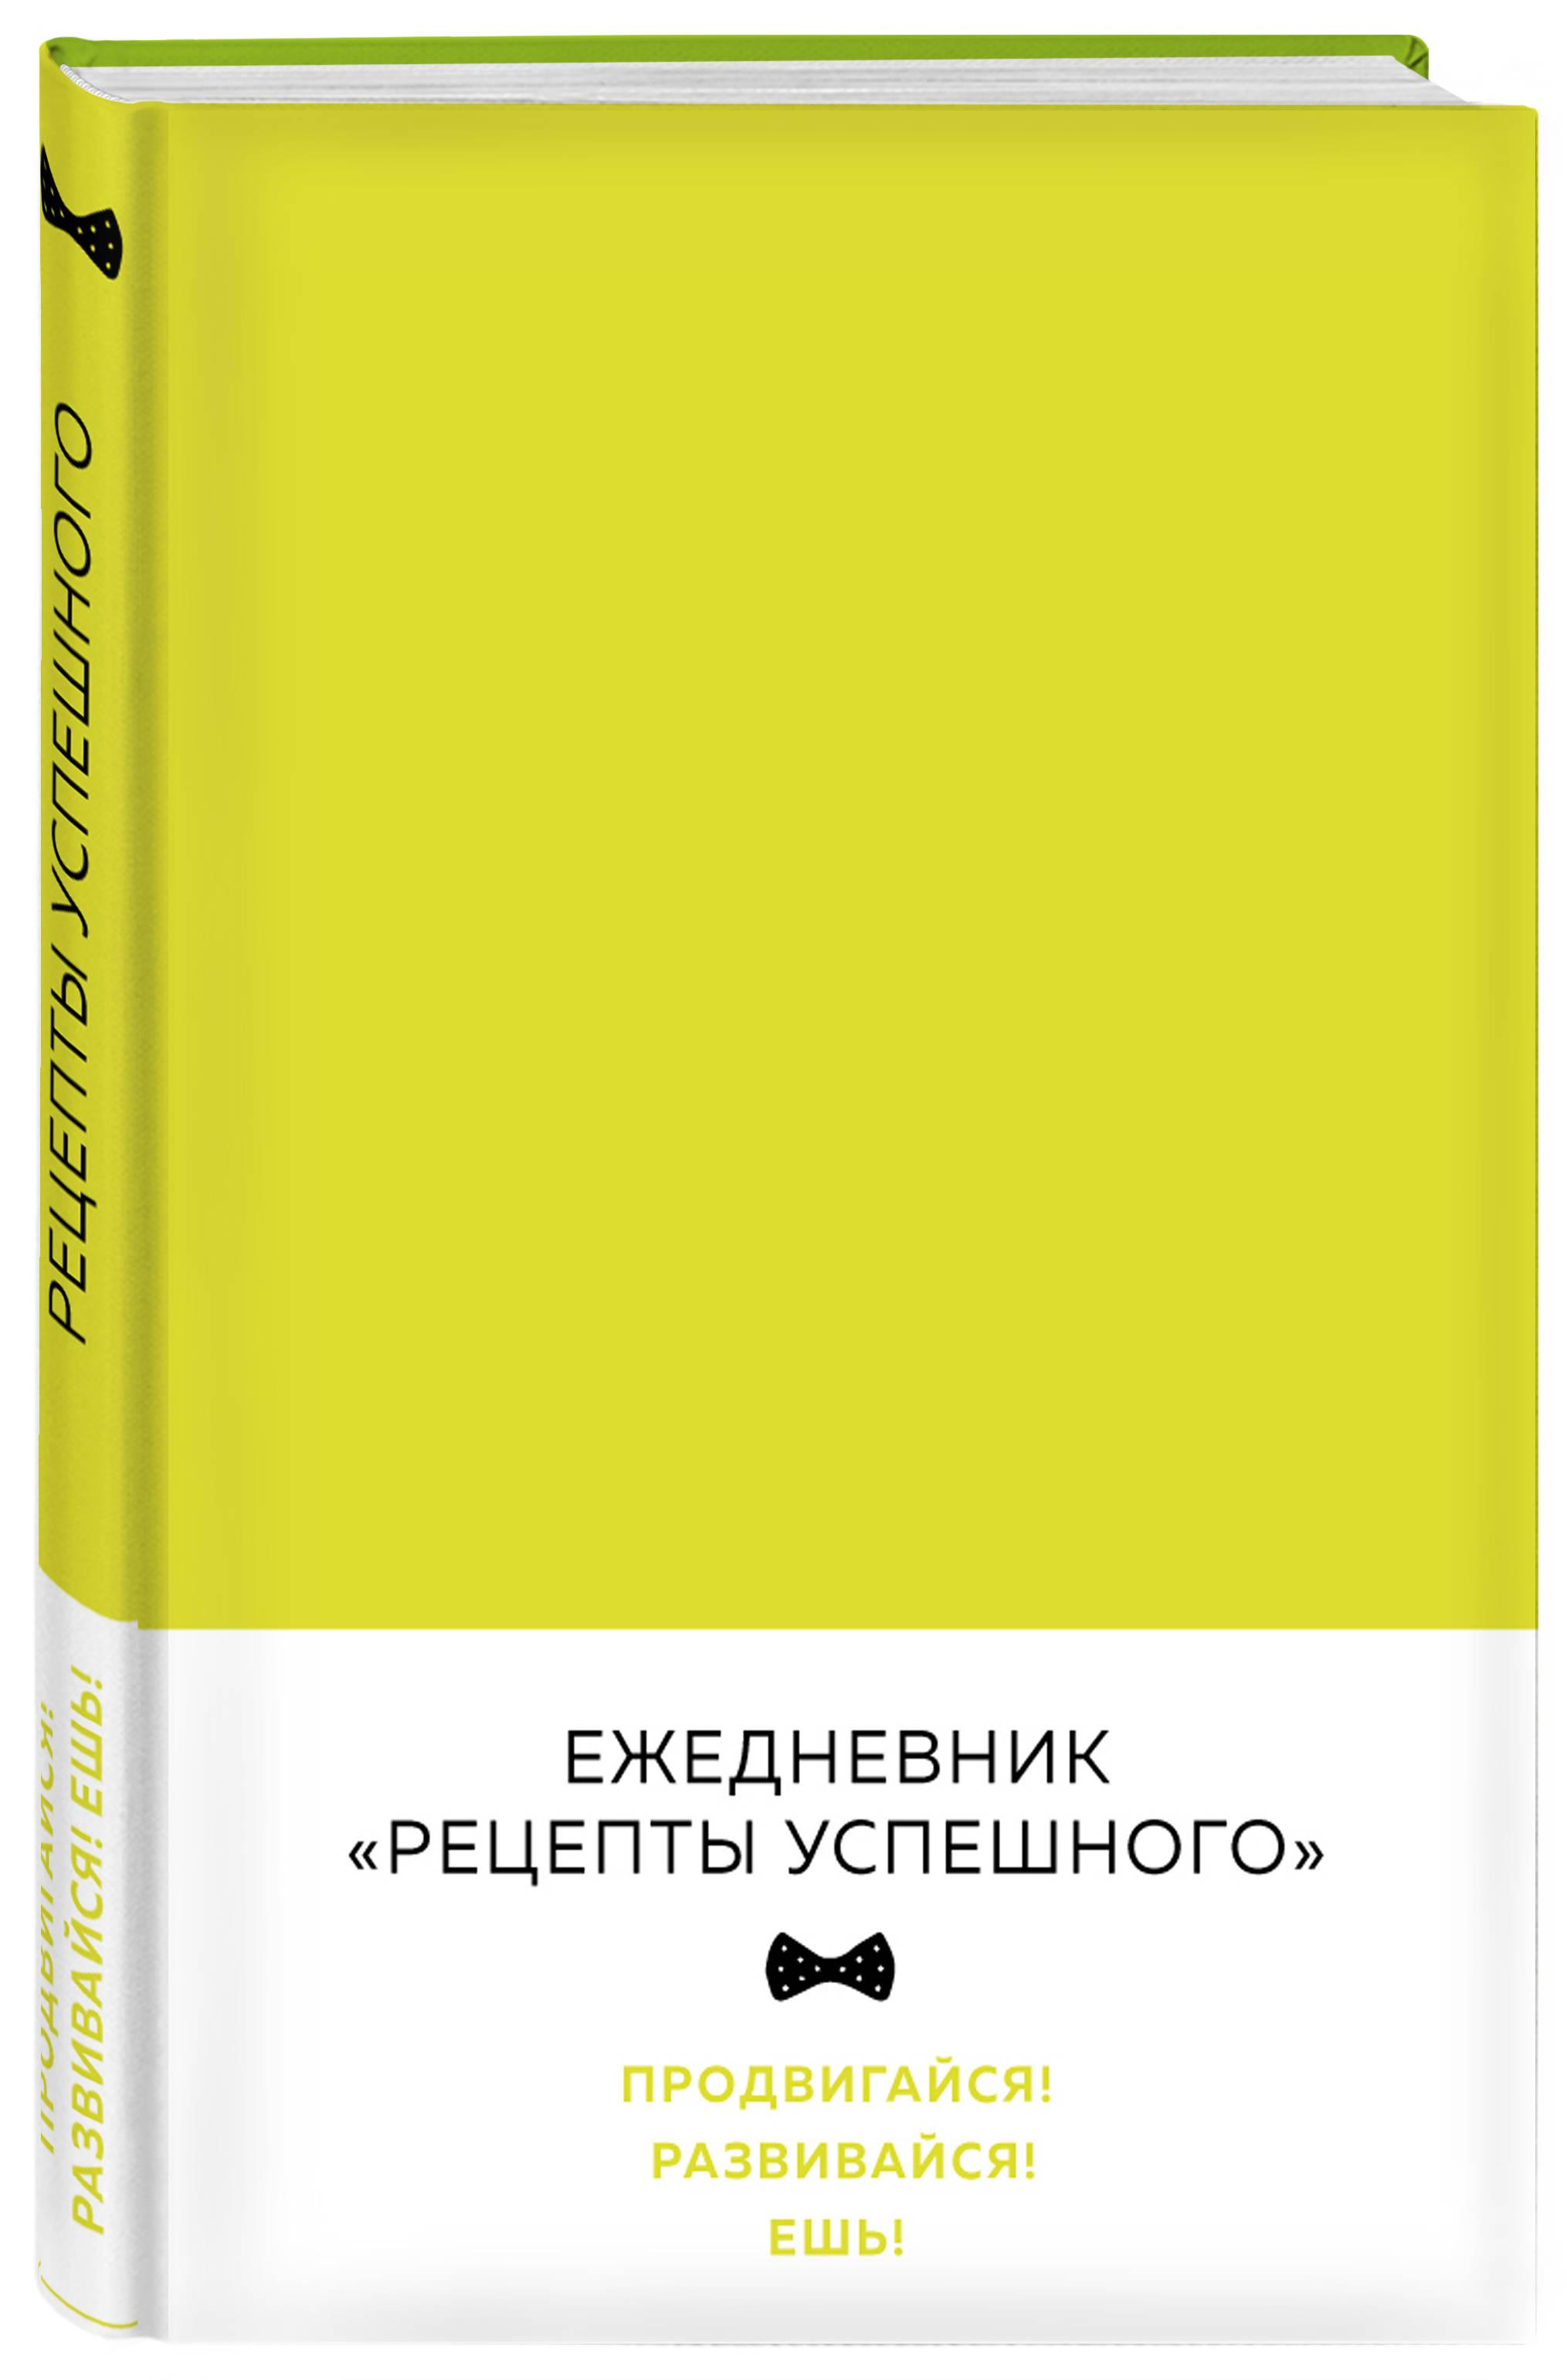 Блокнот. Рецепты успешного (неоновый желтый) ( Перельман Владимир  )